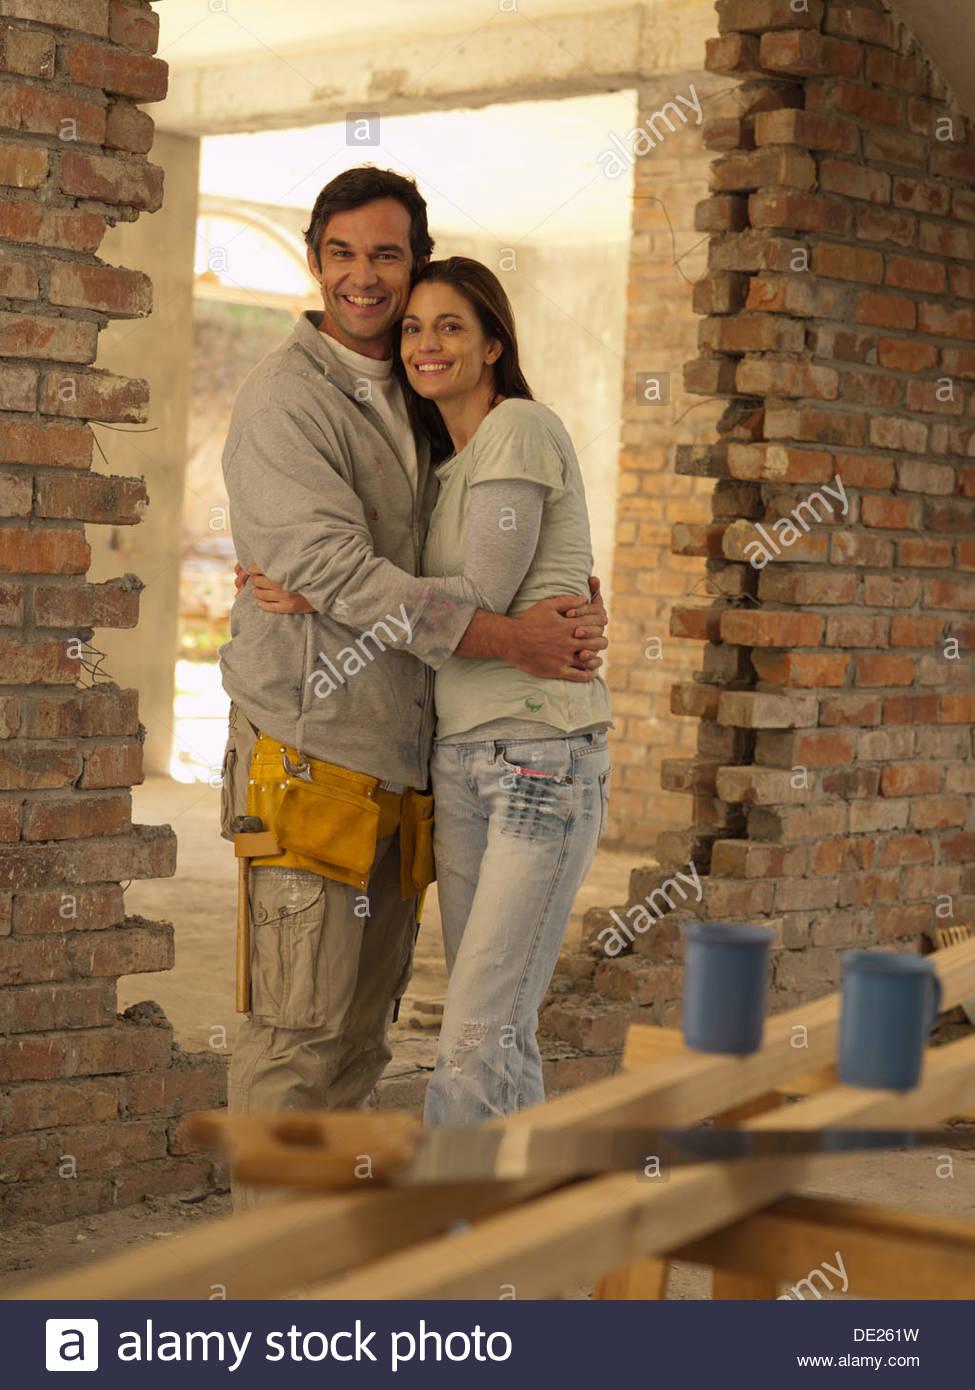 Paar umarmt in Tür Haus im Bau Stockbild